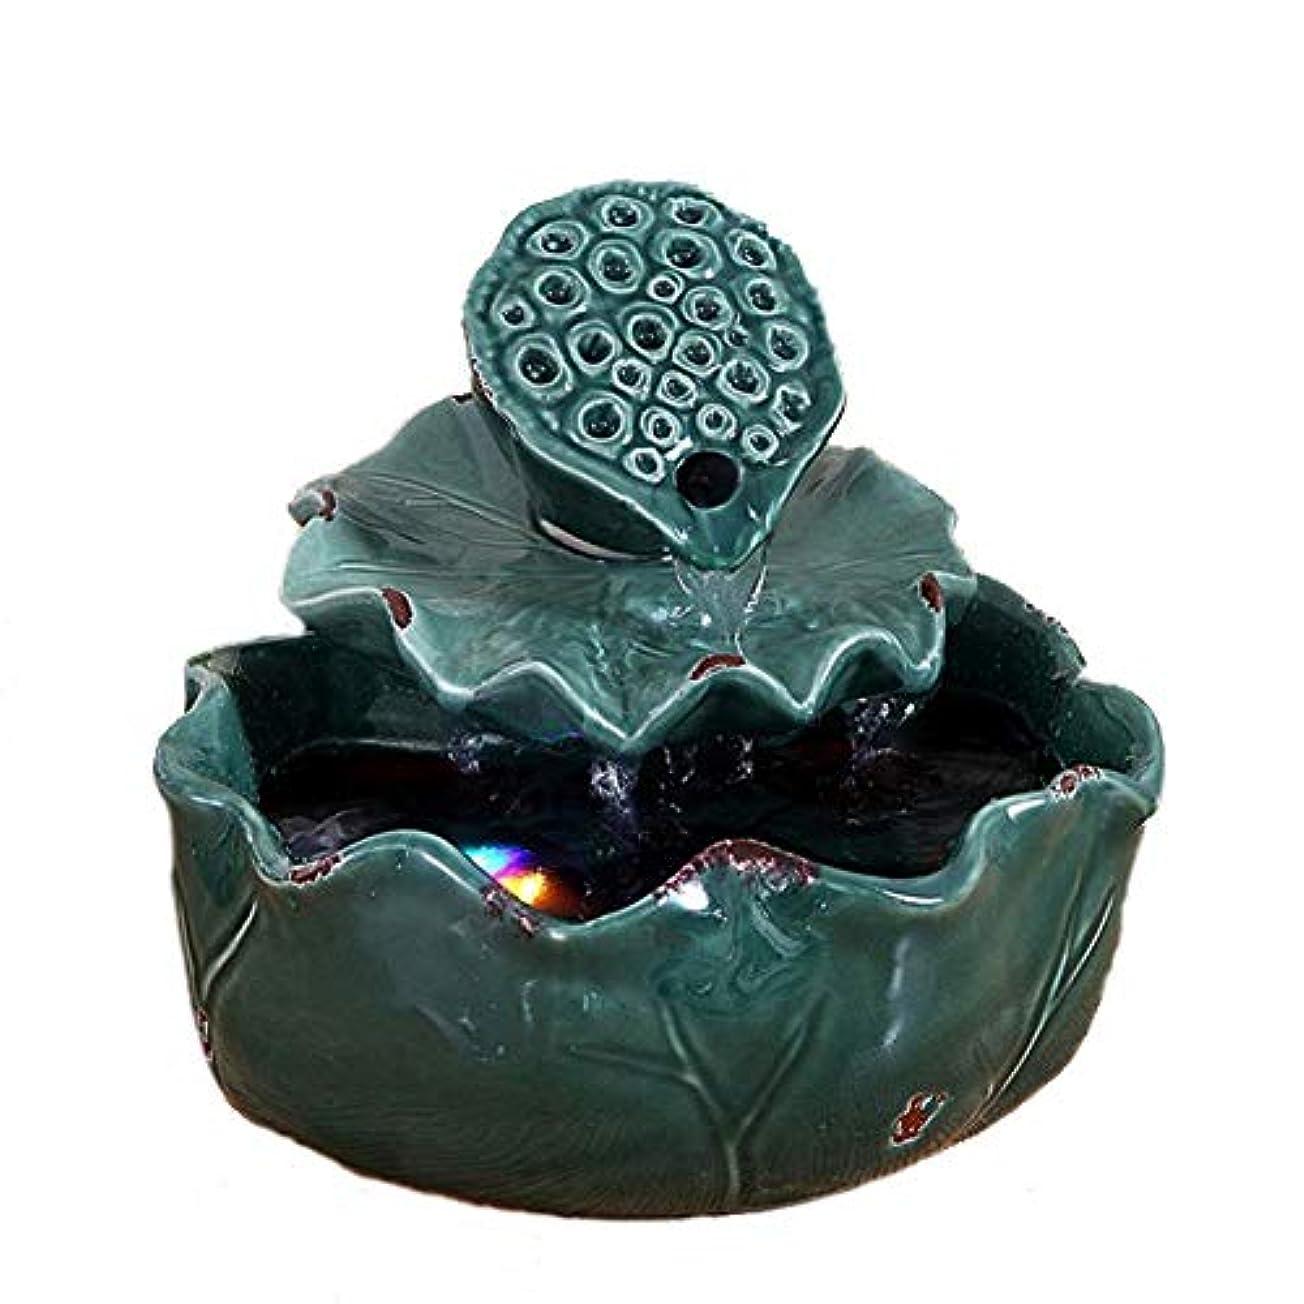 証言草材料空気加湿器クリエイティブロータス卓上装飾装飾セラミック工芸絶妙なギフト